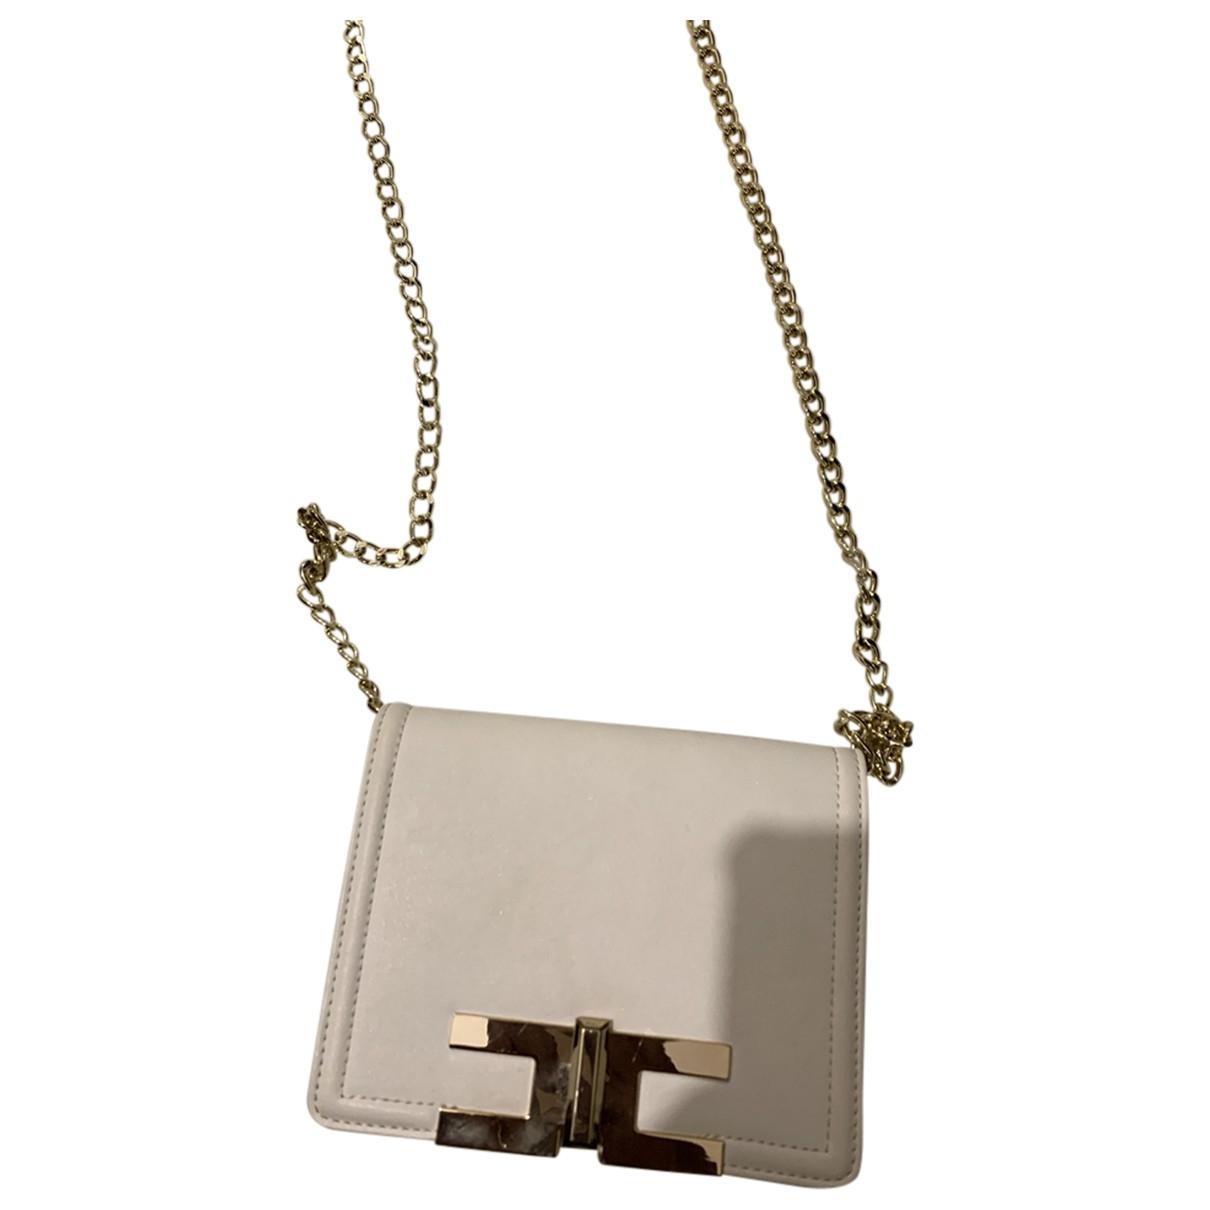 Elisabetta Franchi \N White Leather handbag for Women \N